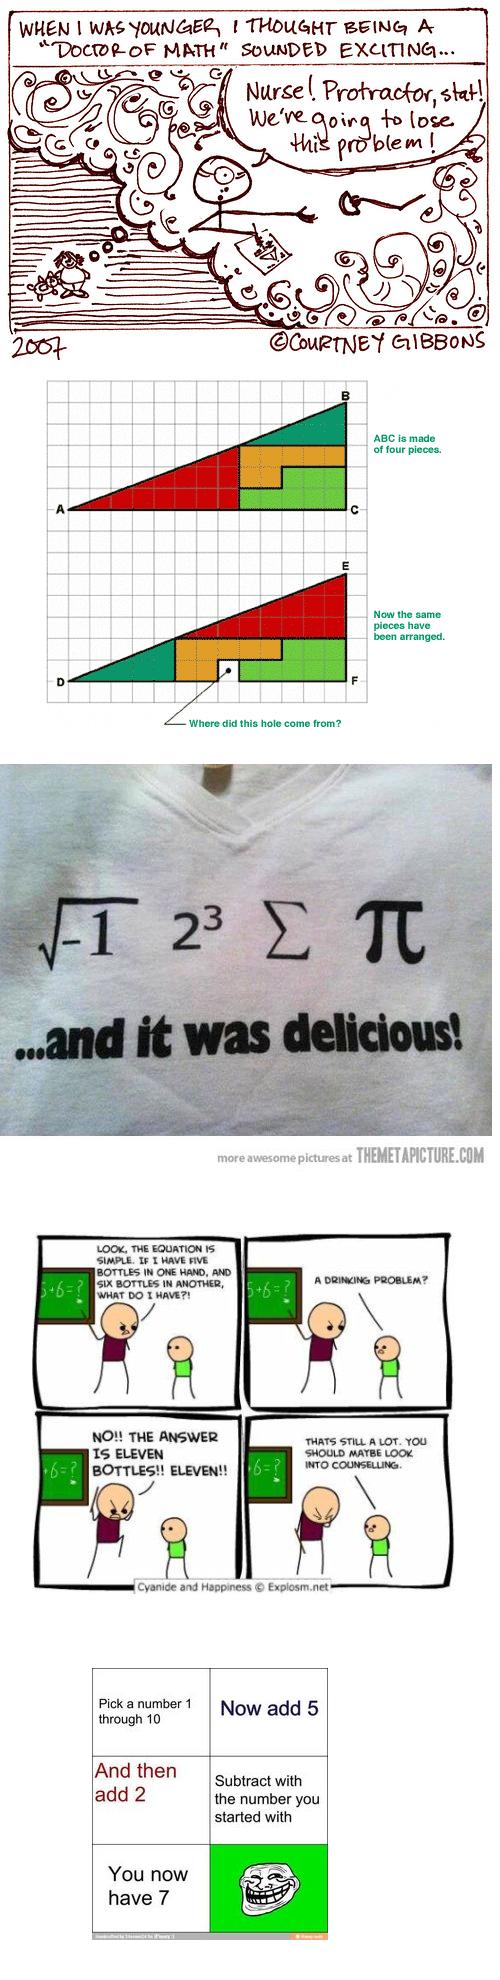 Random Funny Maths Stuff. . WHEN I , - sauna A AIR: In many plums. Haw my urn: was hauls thin holta cums tram? mare TH Bill? . tlu ltt WEEK , Erma: and Hannah:  math funny funnymaths your mum Mathematics jokes